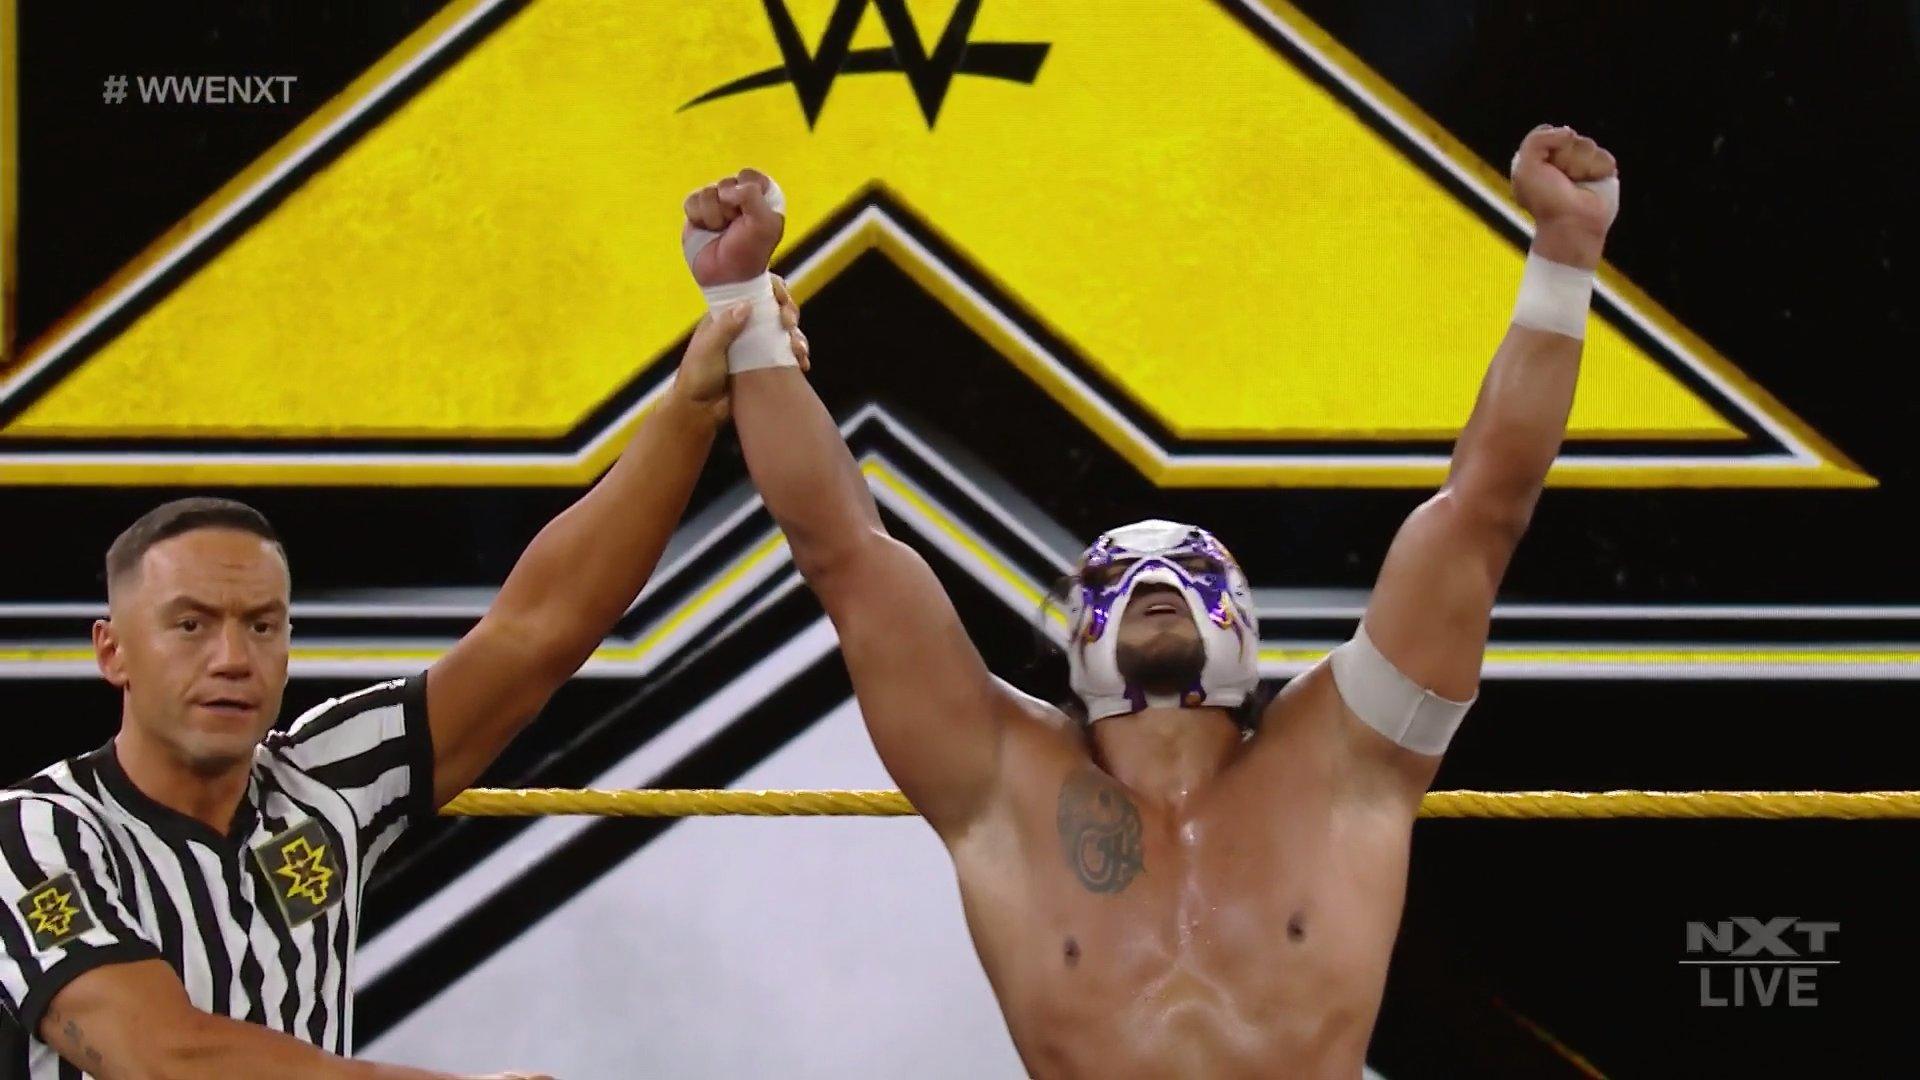 Hijo del Fantasma se salva de secuestro en NXT